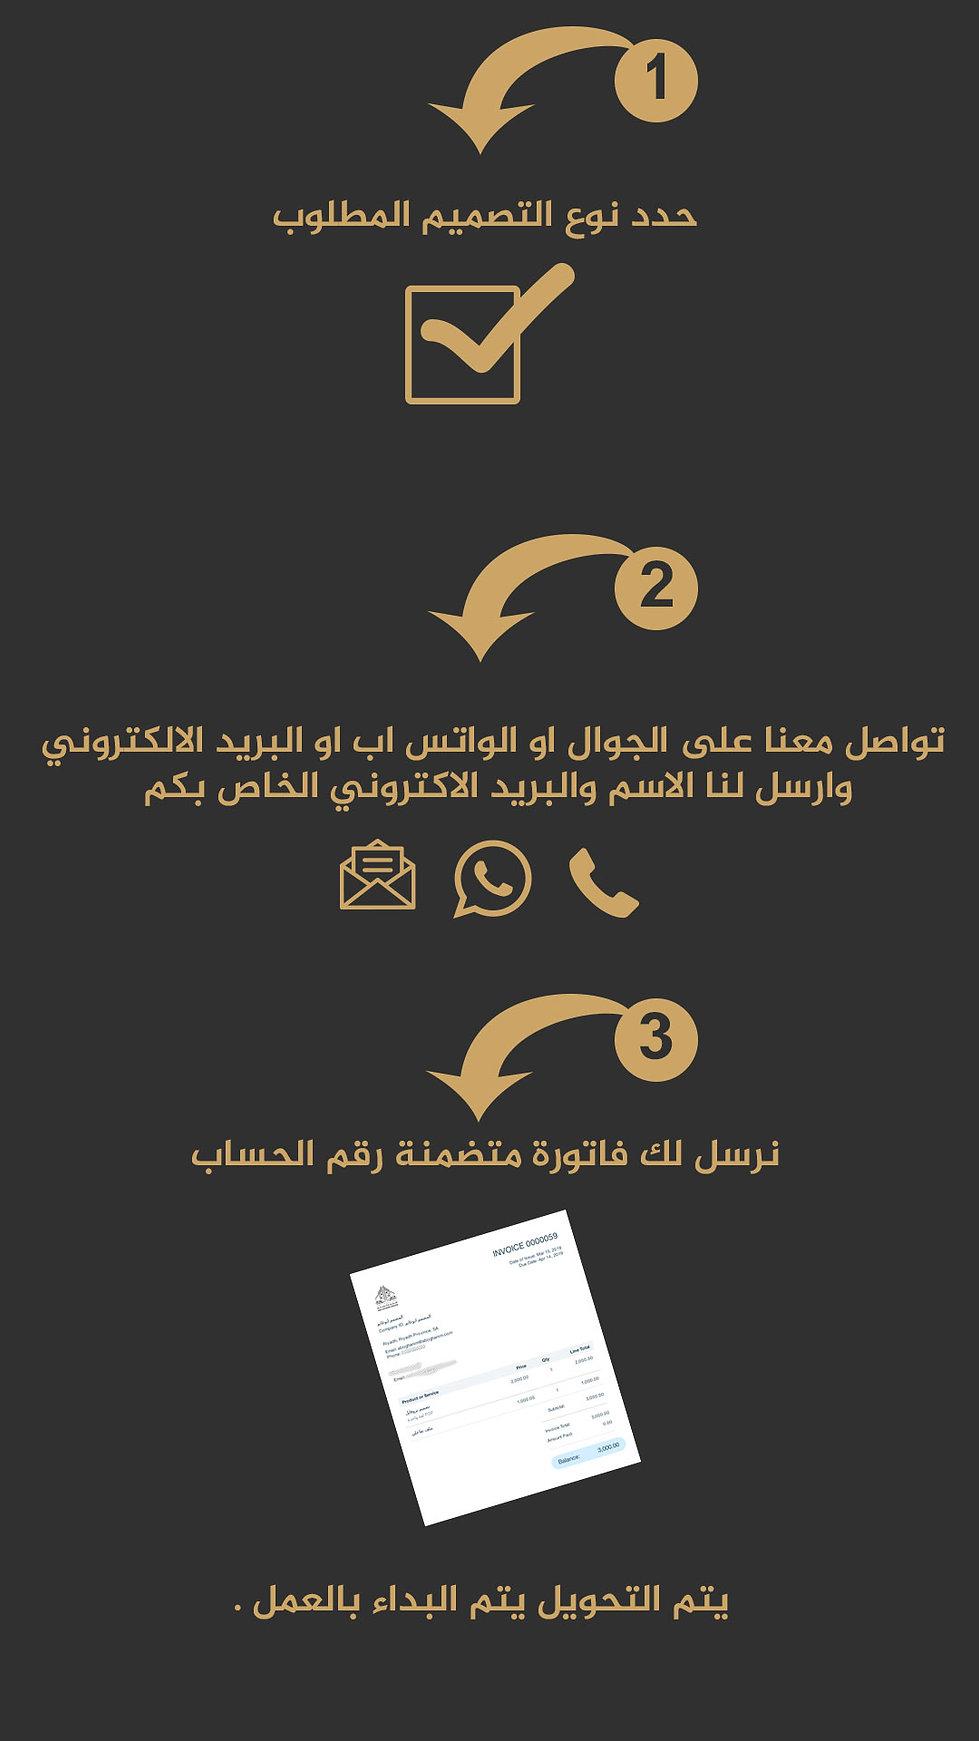 عربي.jpg